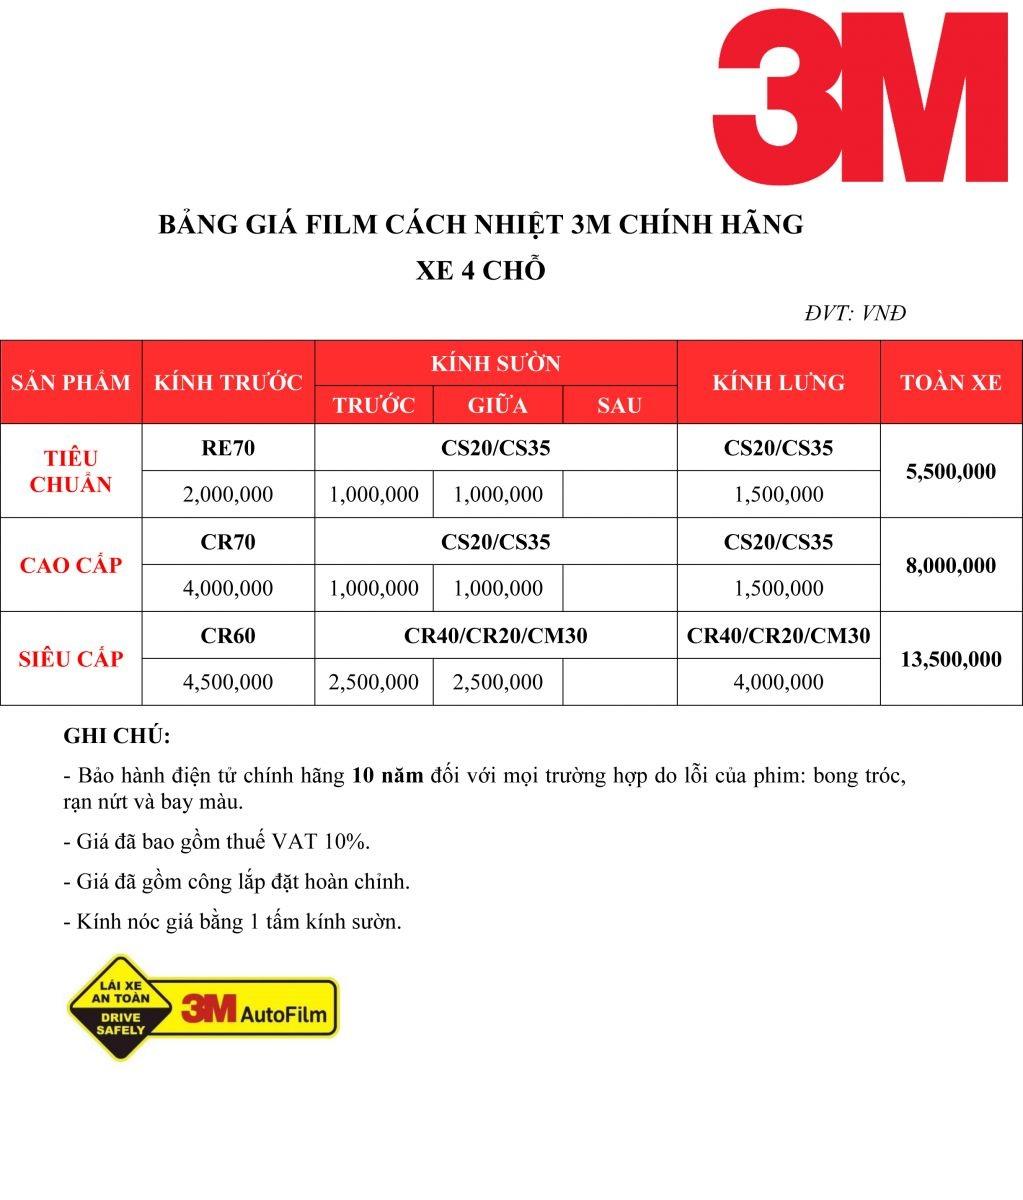 Bảng giá dán phim cách nhiệt 3M cho xe hơi 4 chỗ